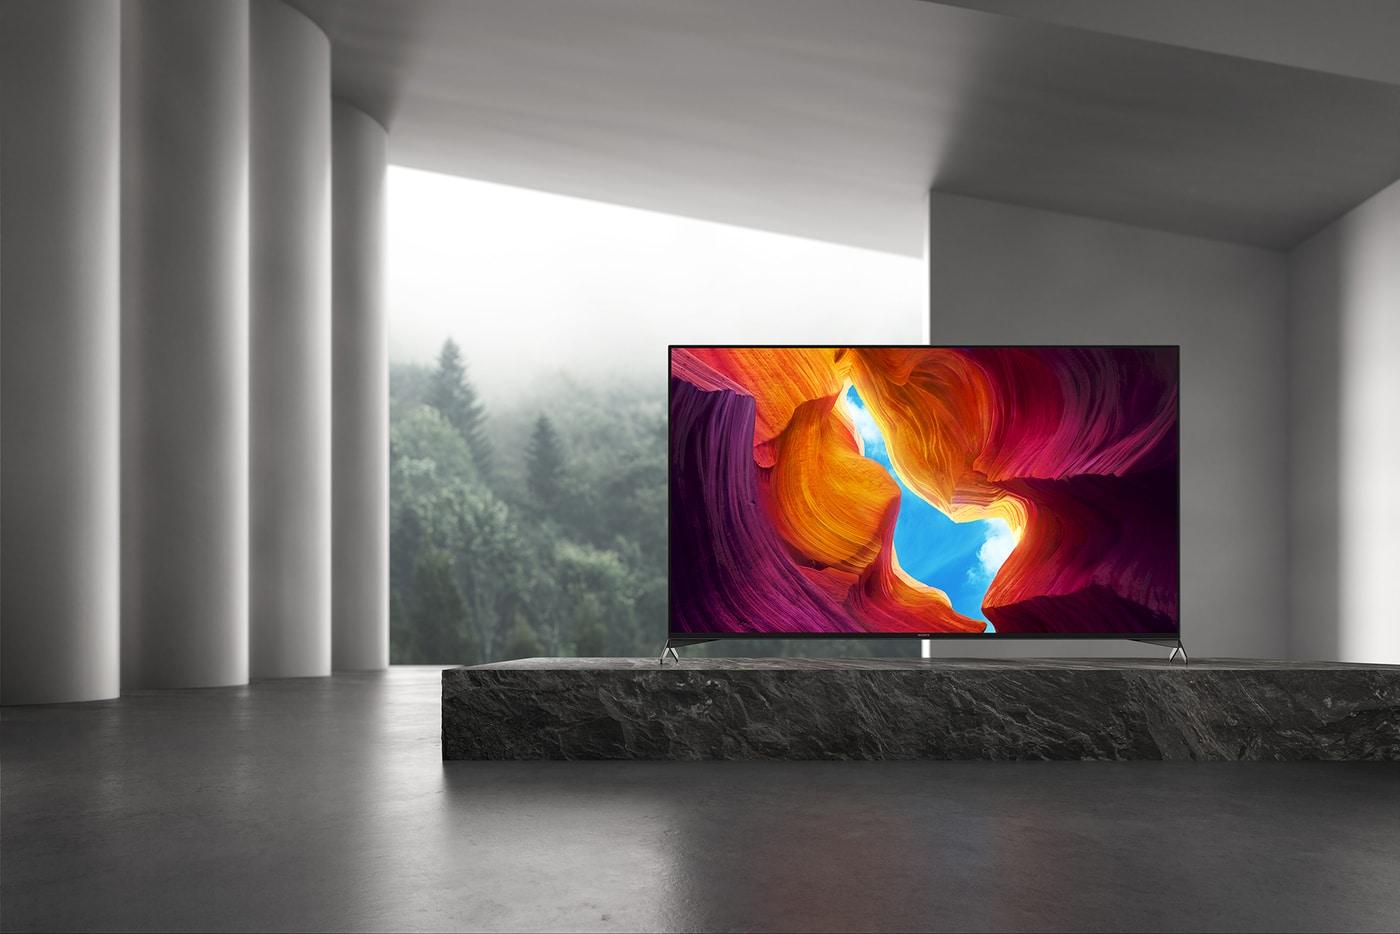 Sony ra mắt loạt TV đầu tiên của năm 2020, có TV OLED 4K nhỏ nhất trên thị trường